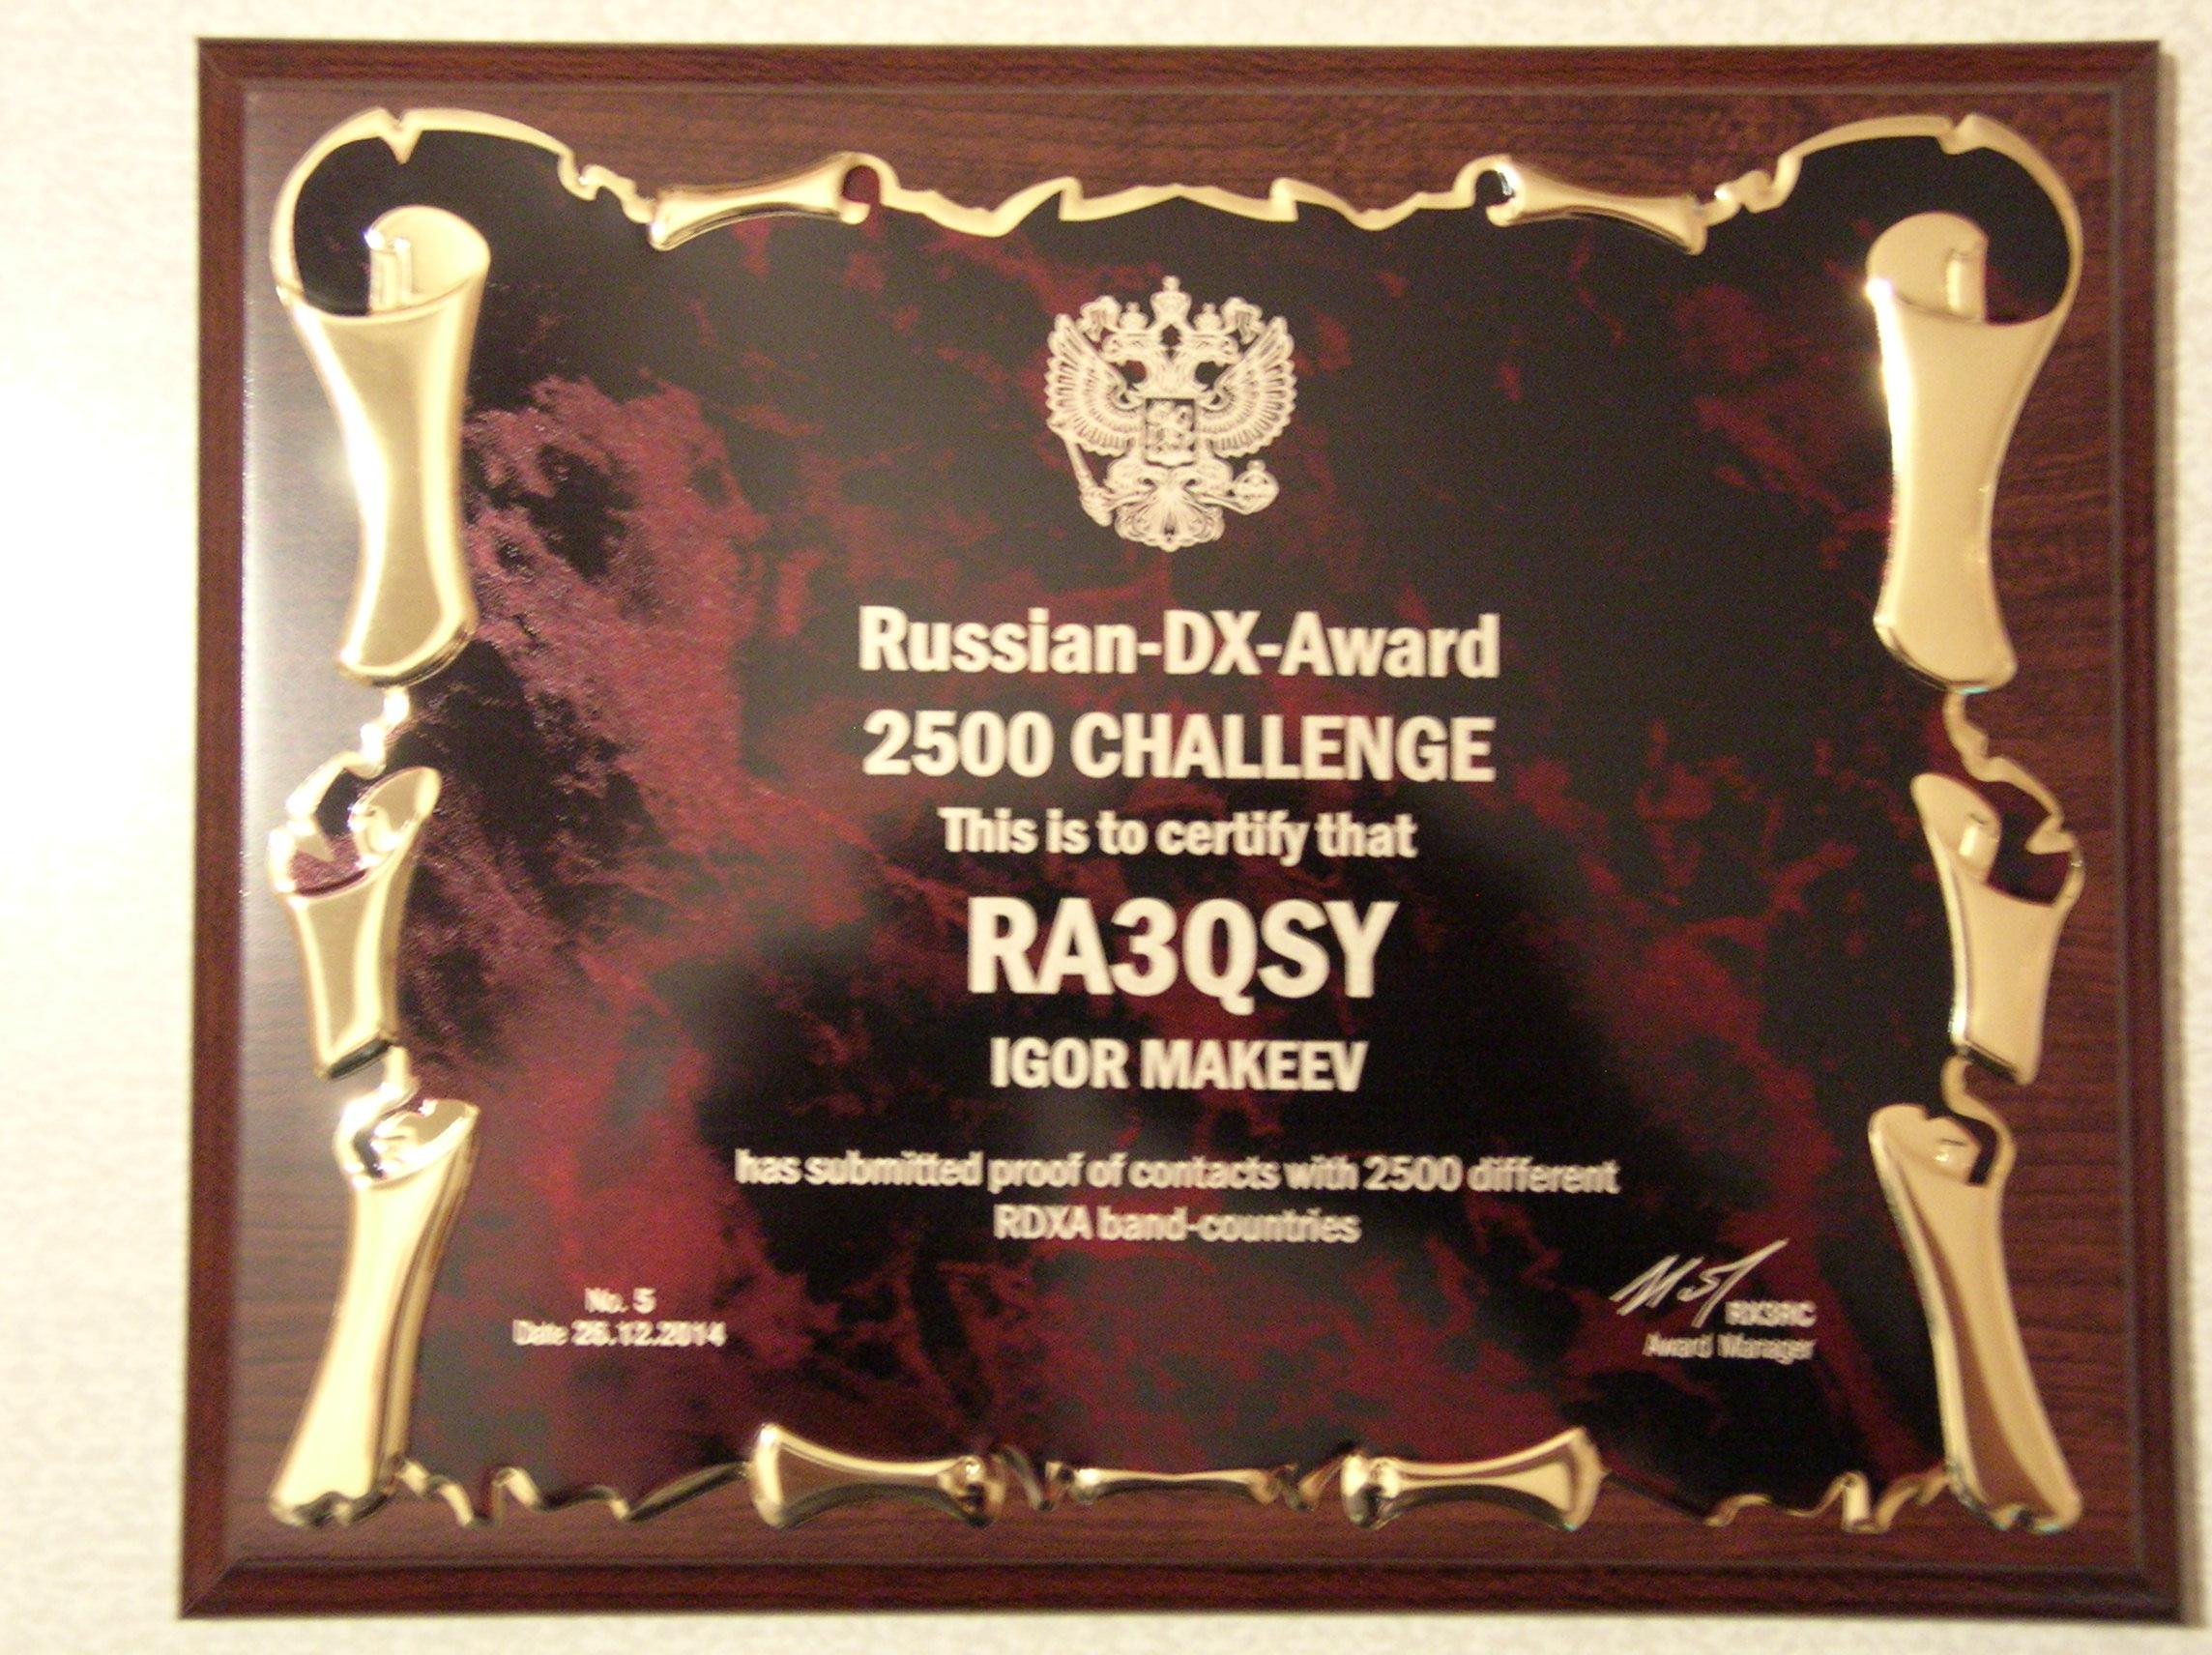 Нажмите на изображение для увеличения.  Название:Challenge 2500.JPG Просмотров:87 Размер:809.2 Кб ID:133295